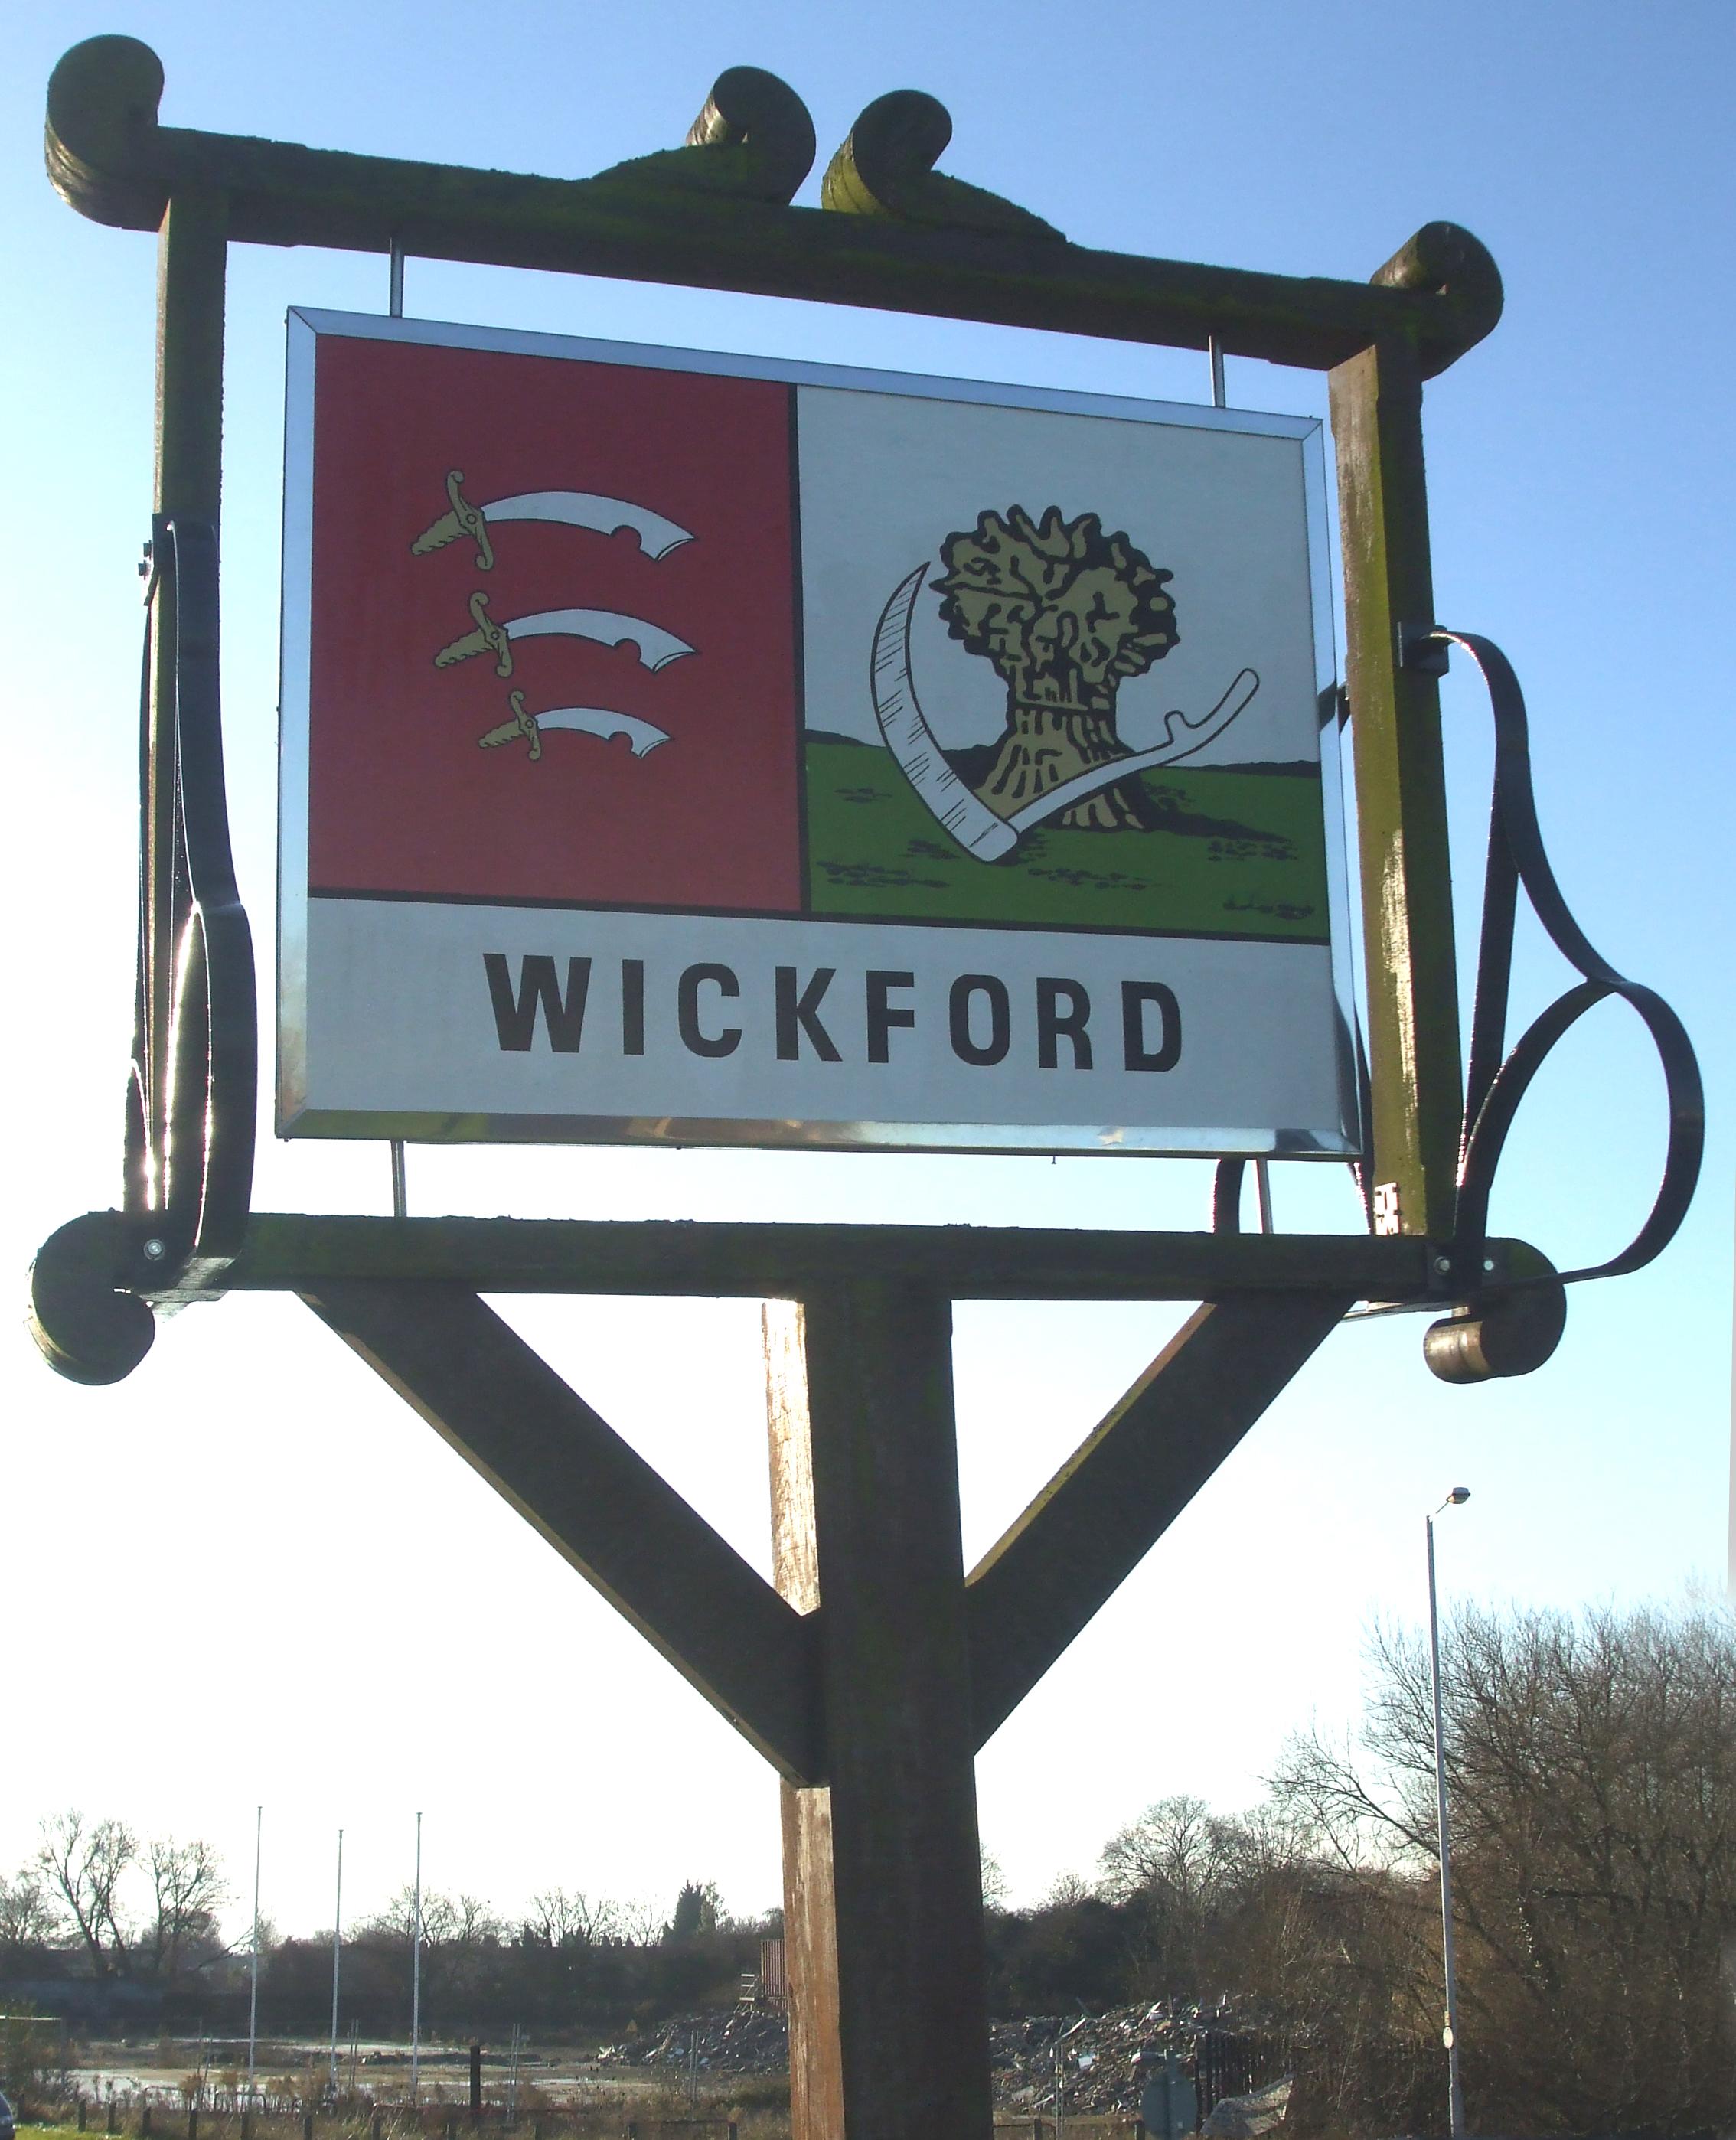 Wickford